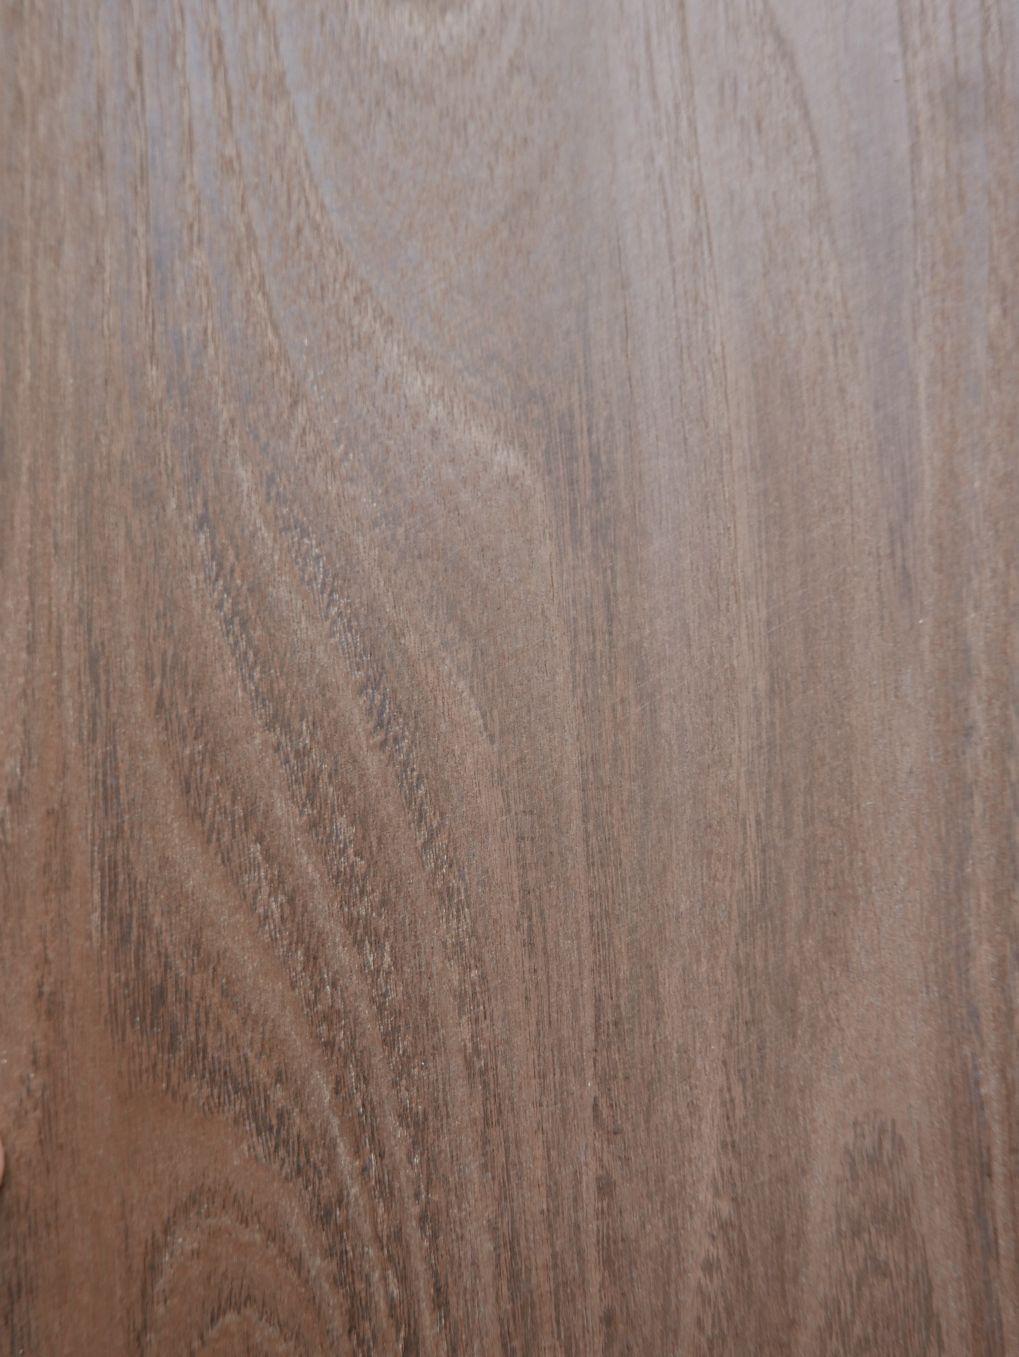 A039-2 Acacia Gerookt 25-26x103cm 9st